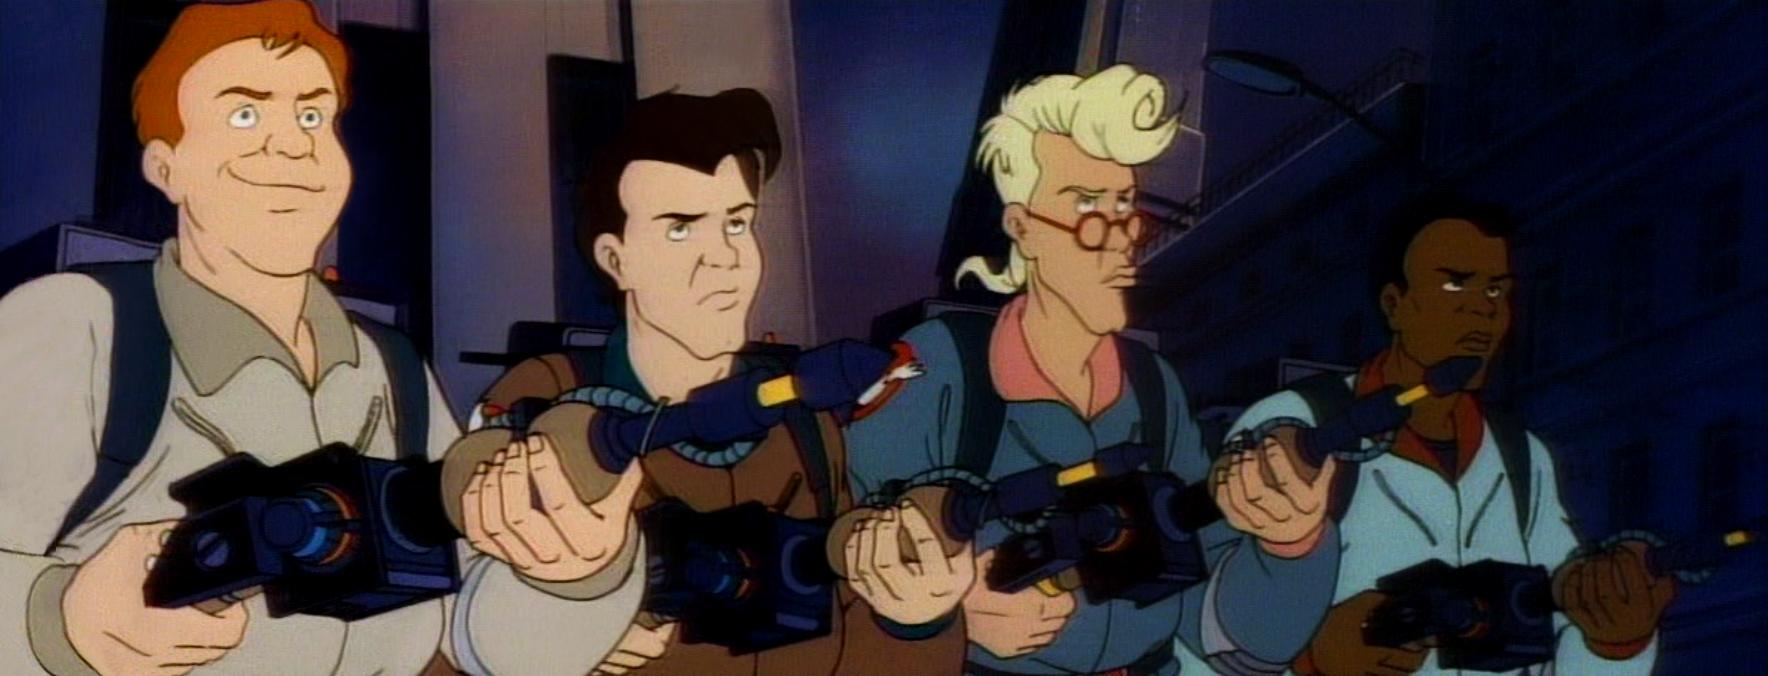 Ghostbusters, la Sony progetta una nuova serie animata